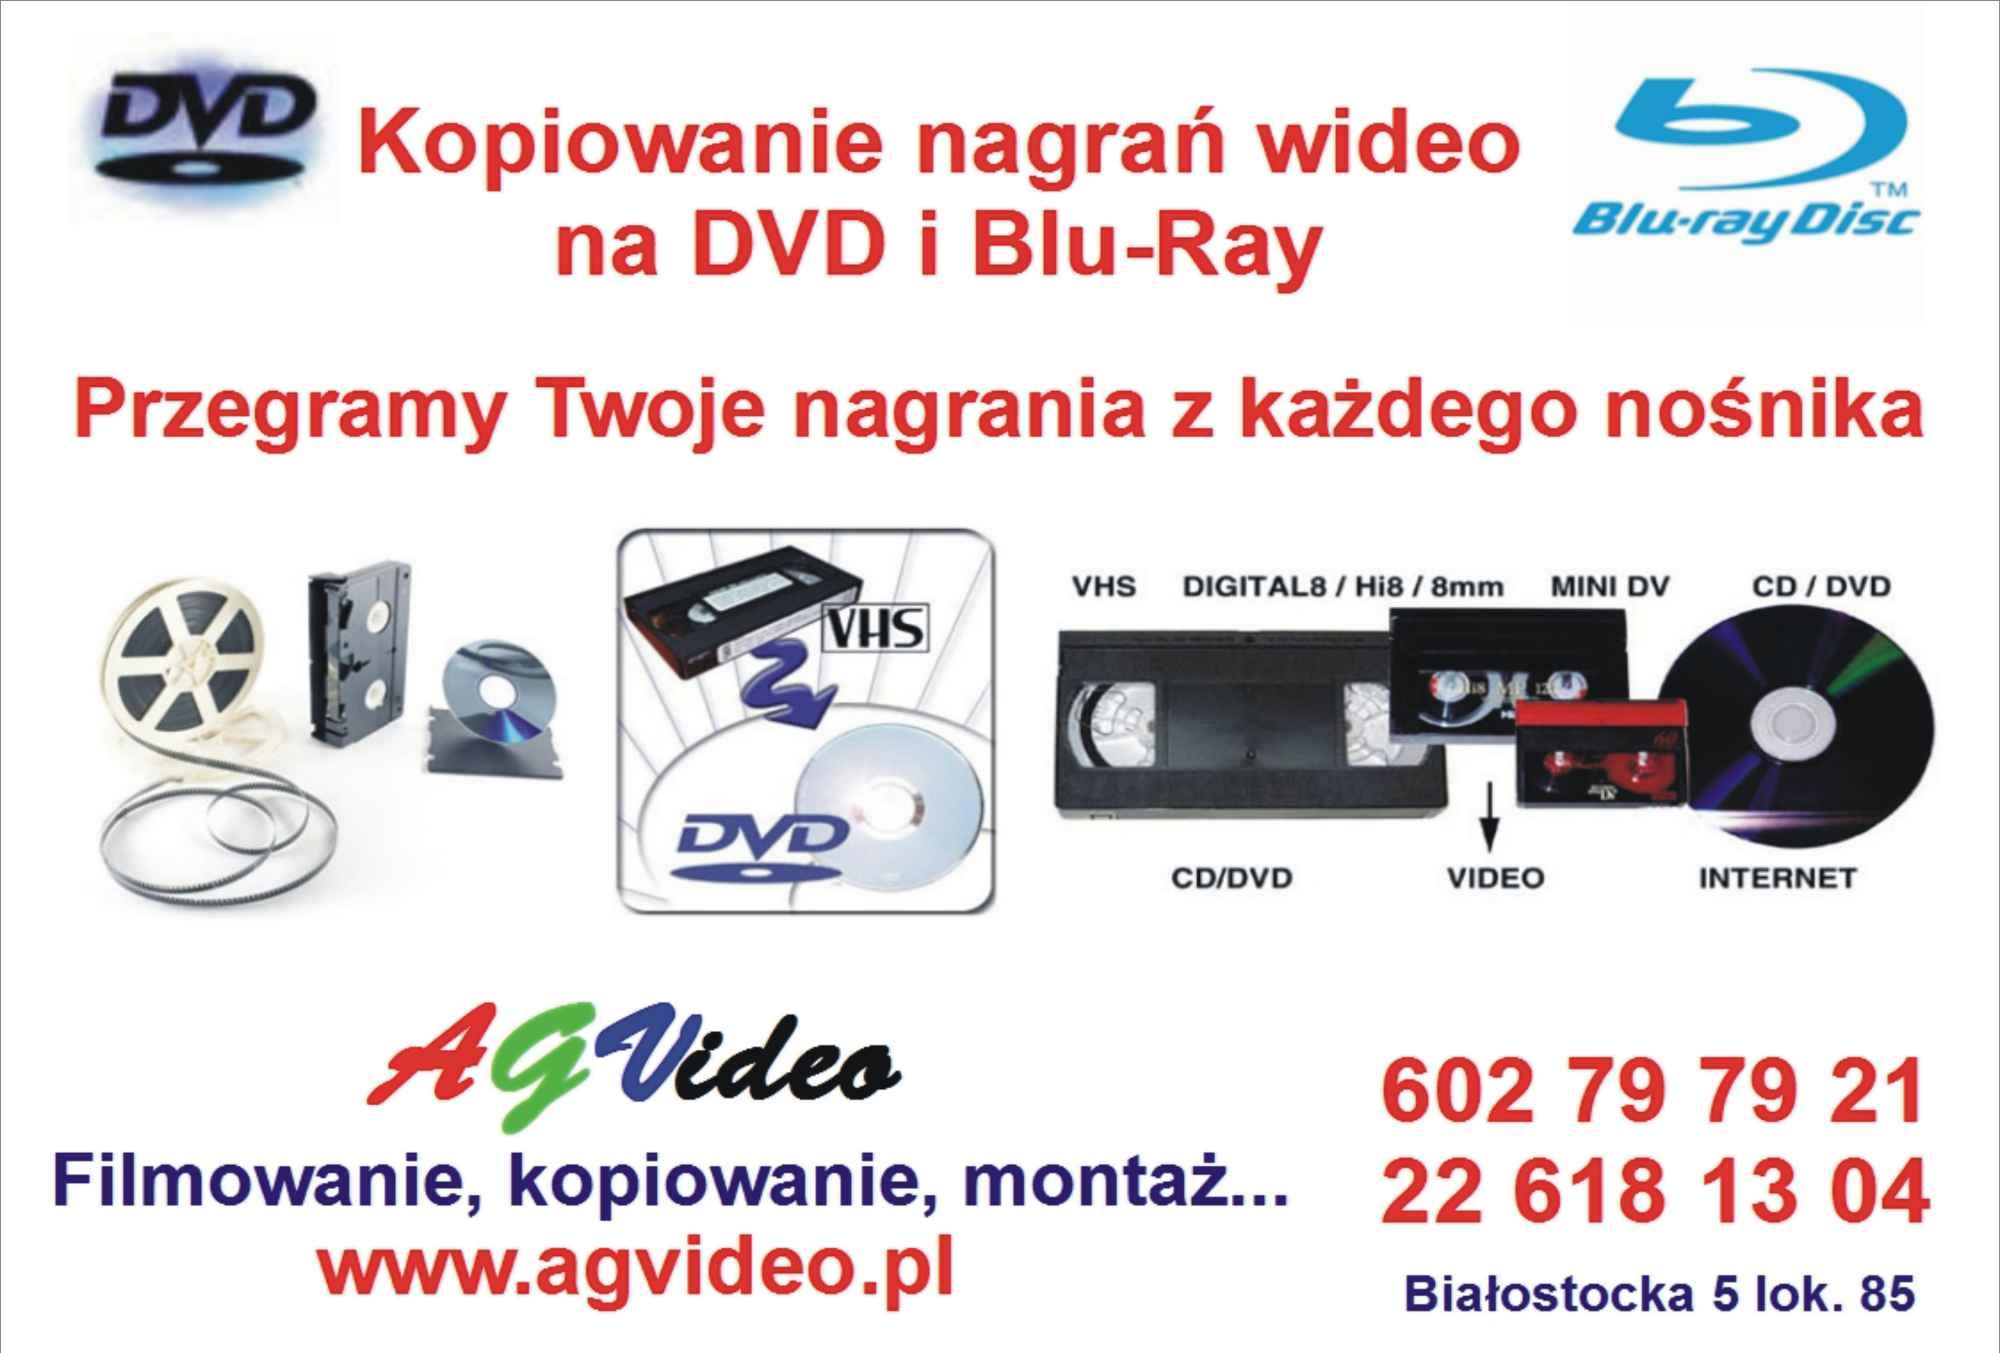 Filmowanie, kopiowanie, montaż filmów Praga-Północ - zdjęcie 3